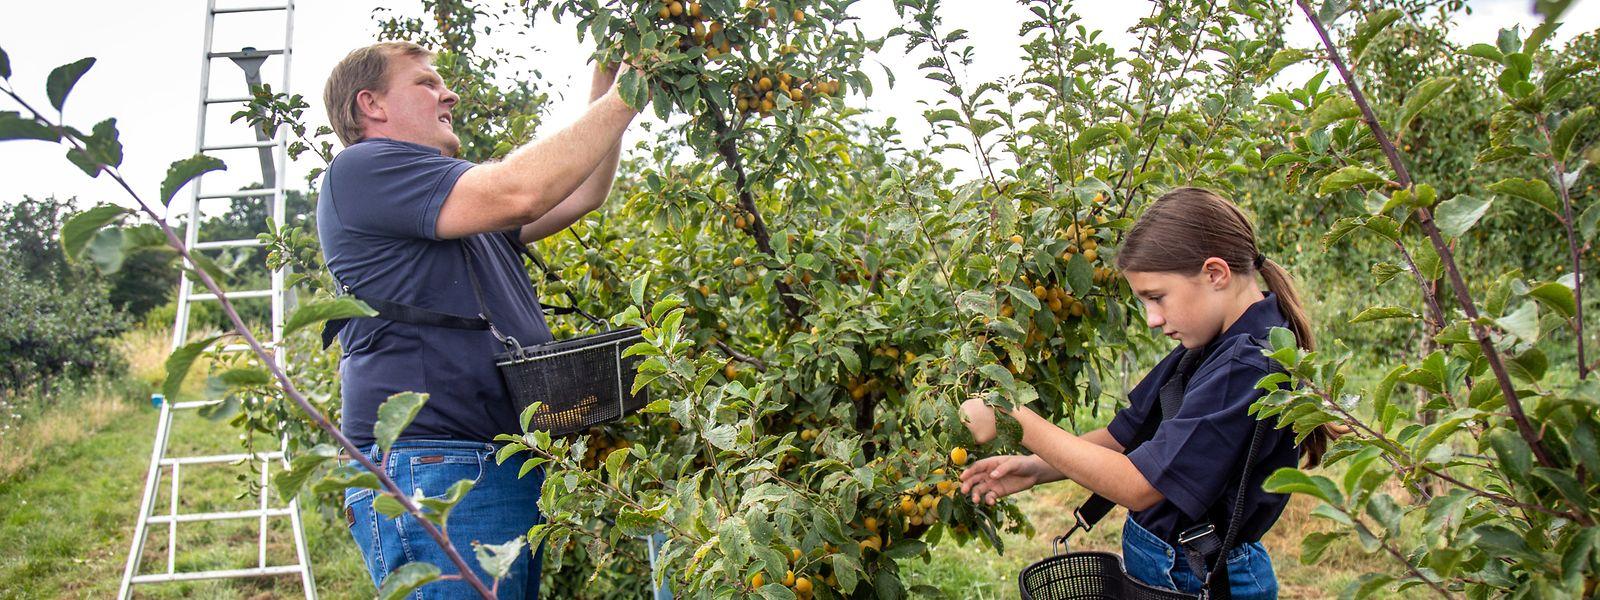 L'aide de sa fille Anne-Marie est la bienvenue tant les fruits sont nombreux cette année sur les mirabelliers de Jean-Claude Muller.